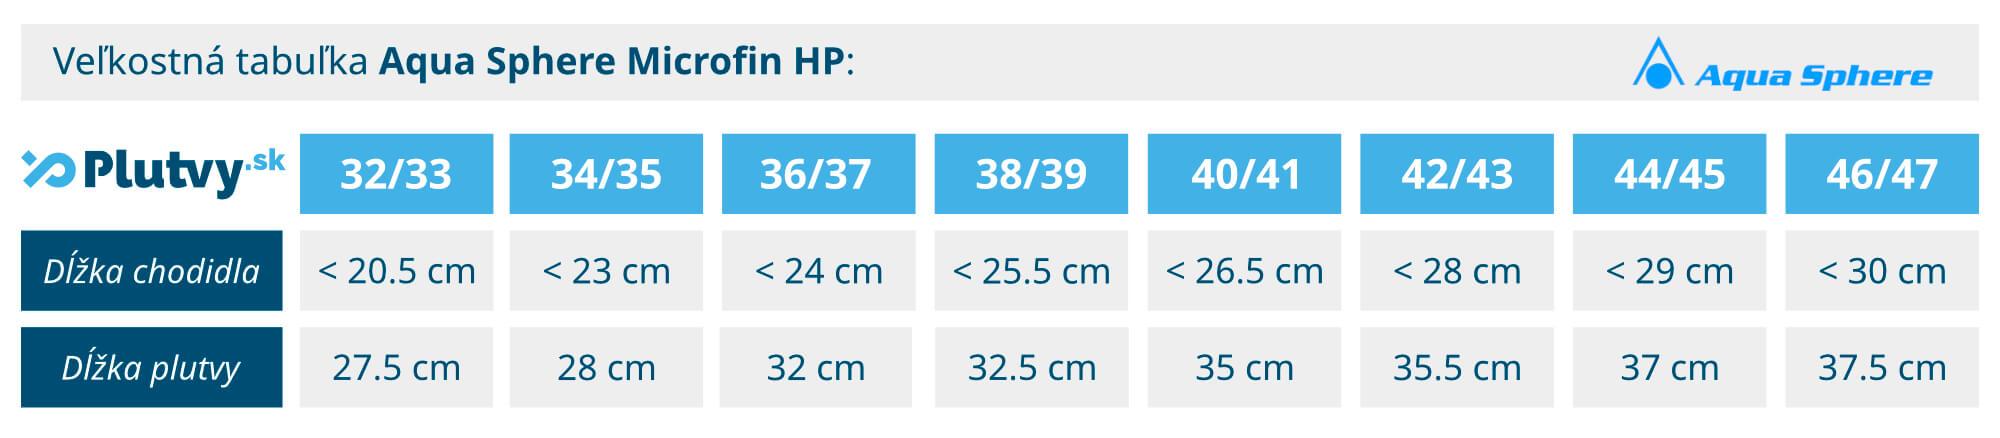 tabuľka veľkostí plavecké plutvy Aquasphere Microfin HP v obchode Plutvy.sk